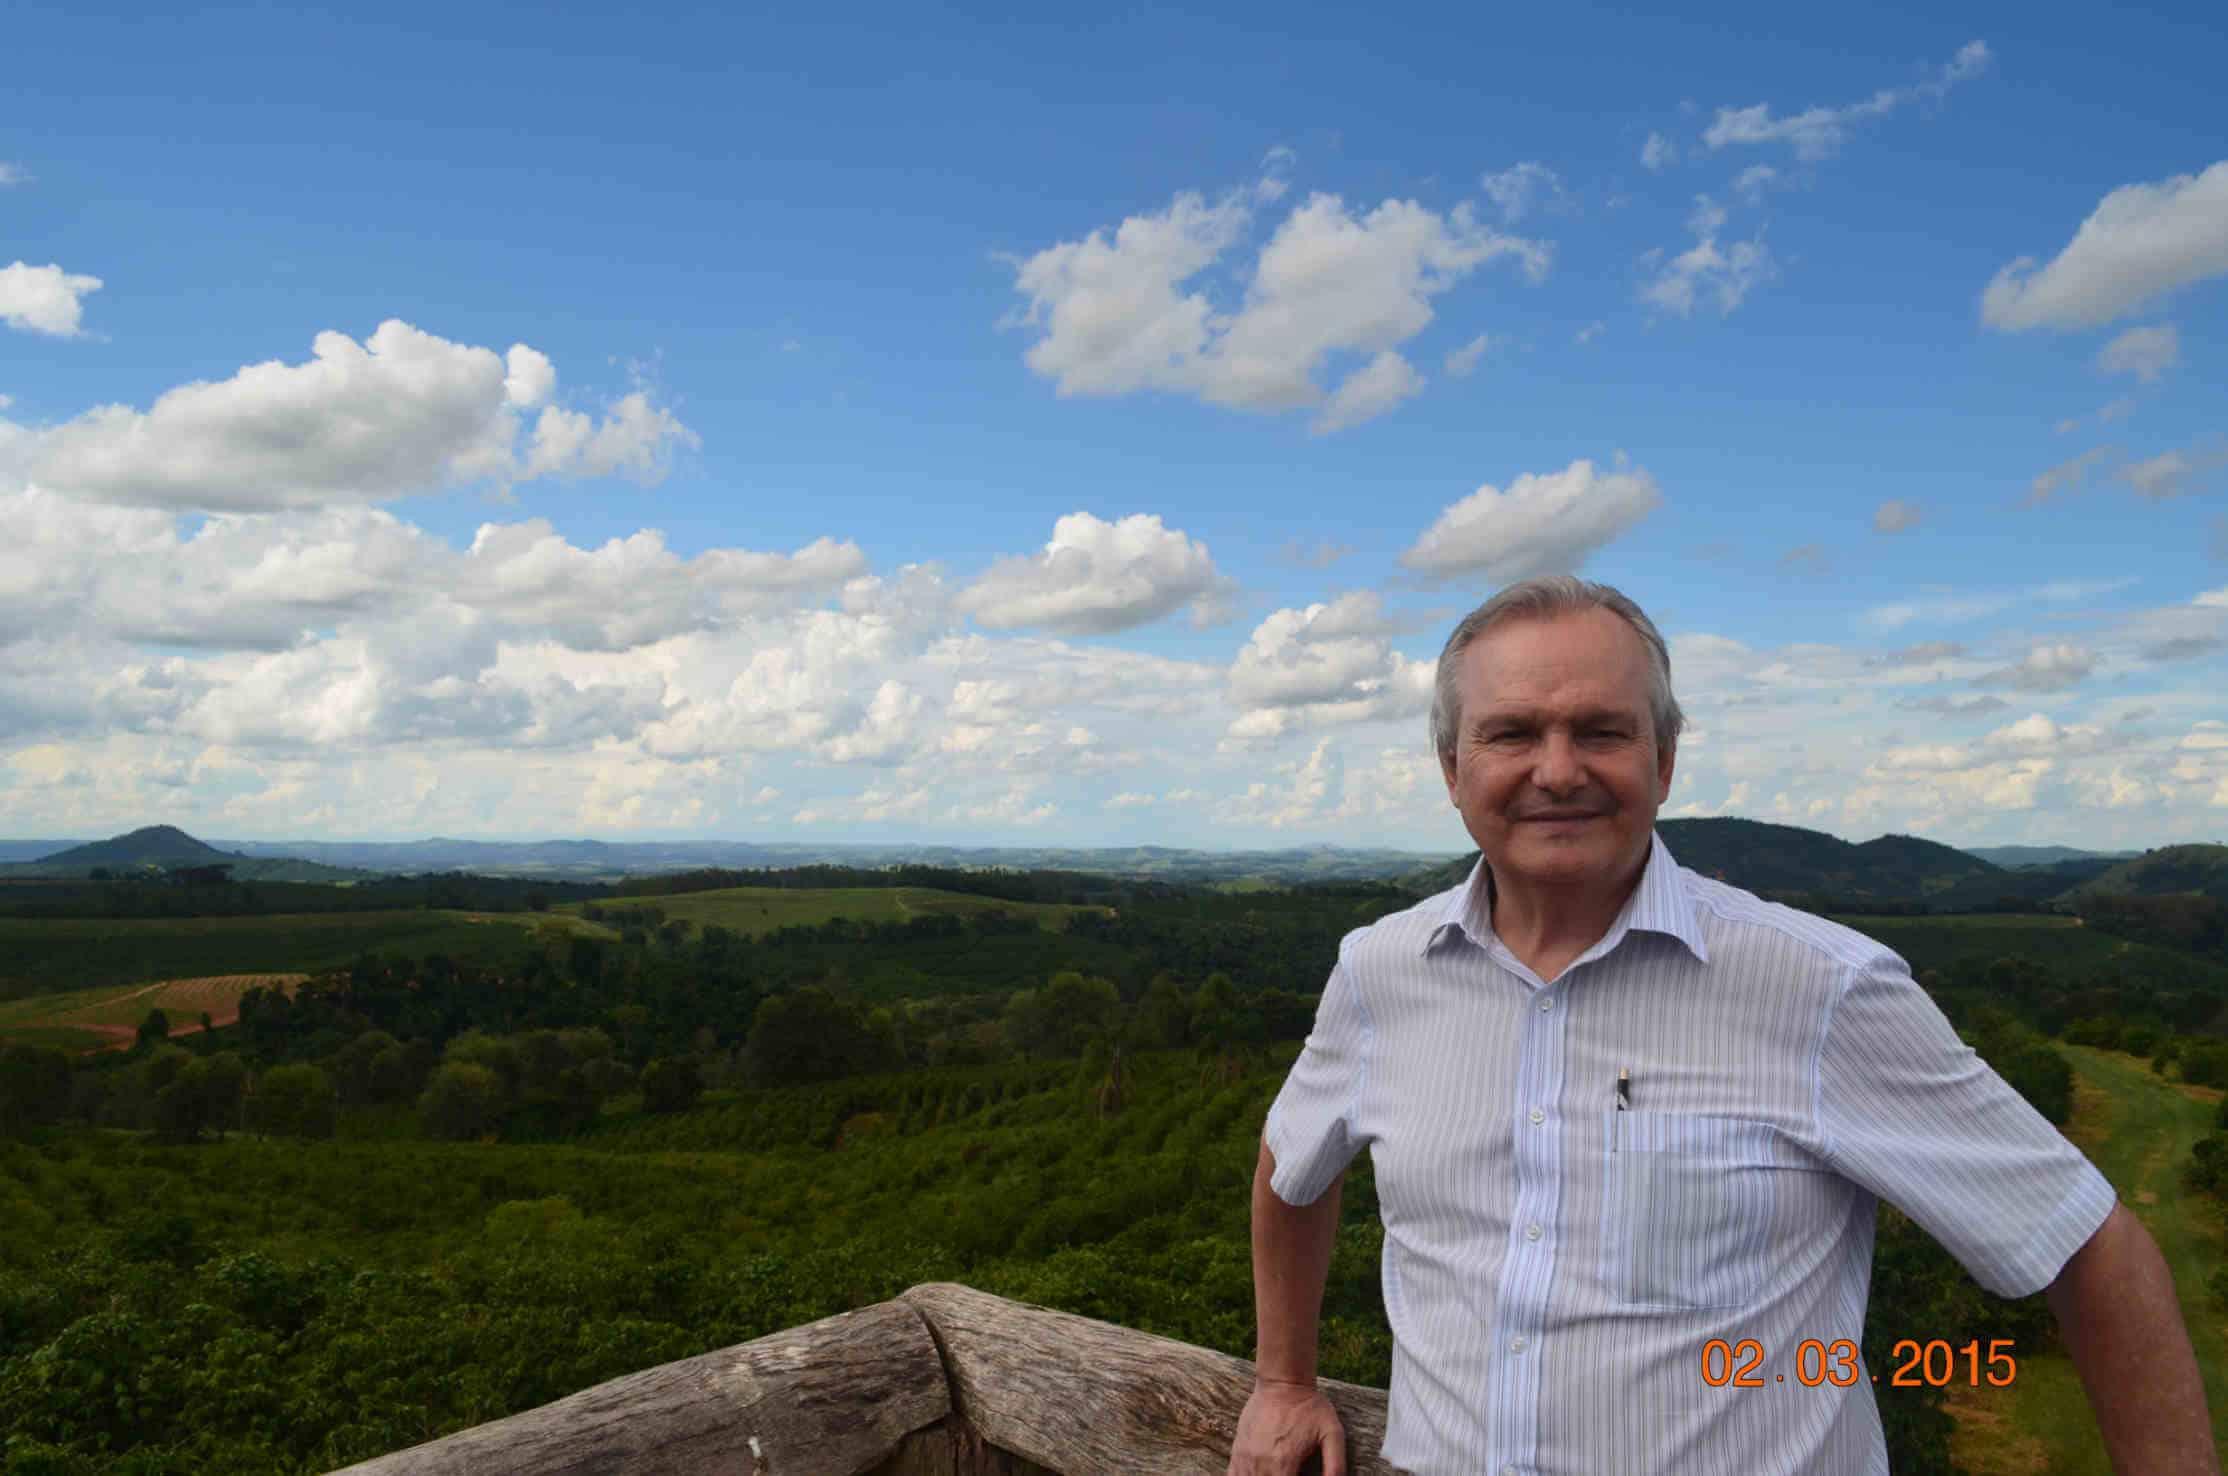 Plantacja kawy w Brazylii – Jose Francisco Pereira, członek zarządu Brazil Specialty Coffee Association, na tle plantacji.